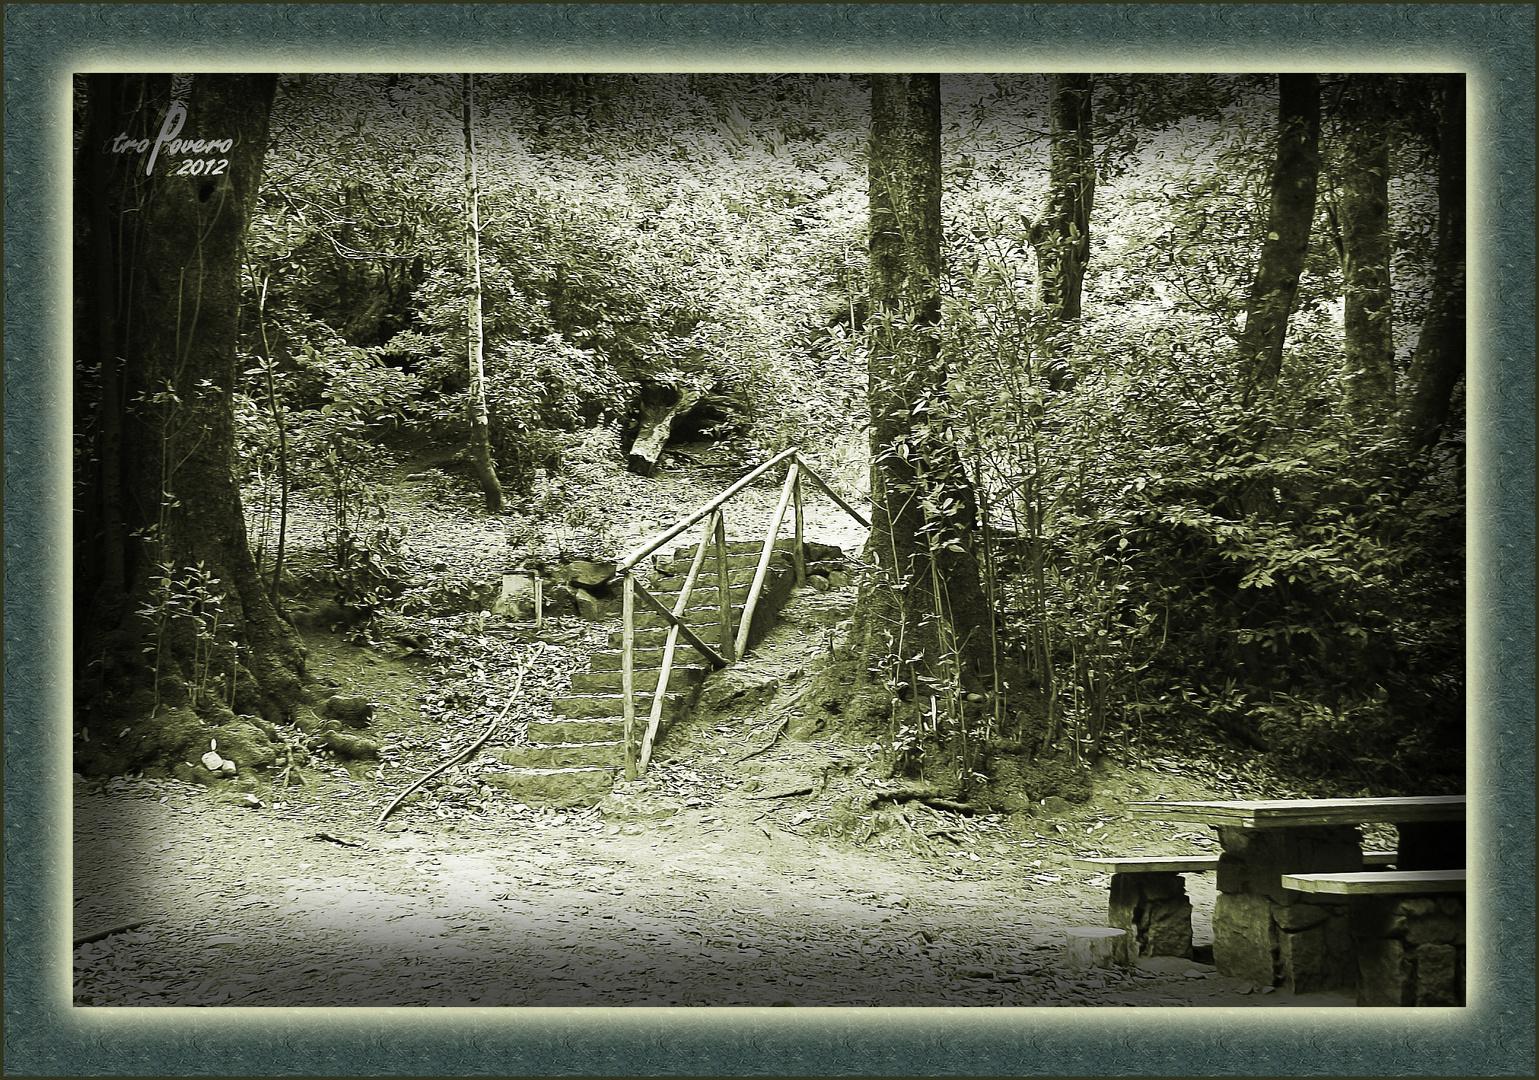 El bosque encantado 2